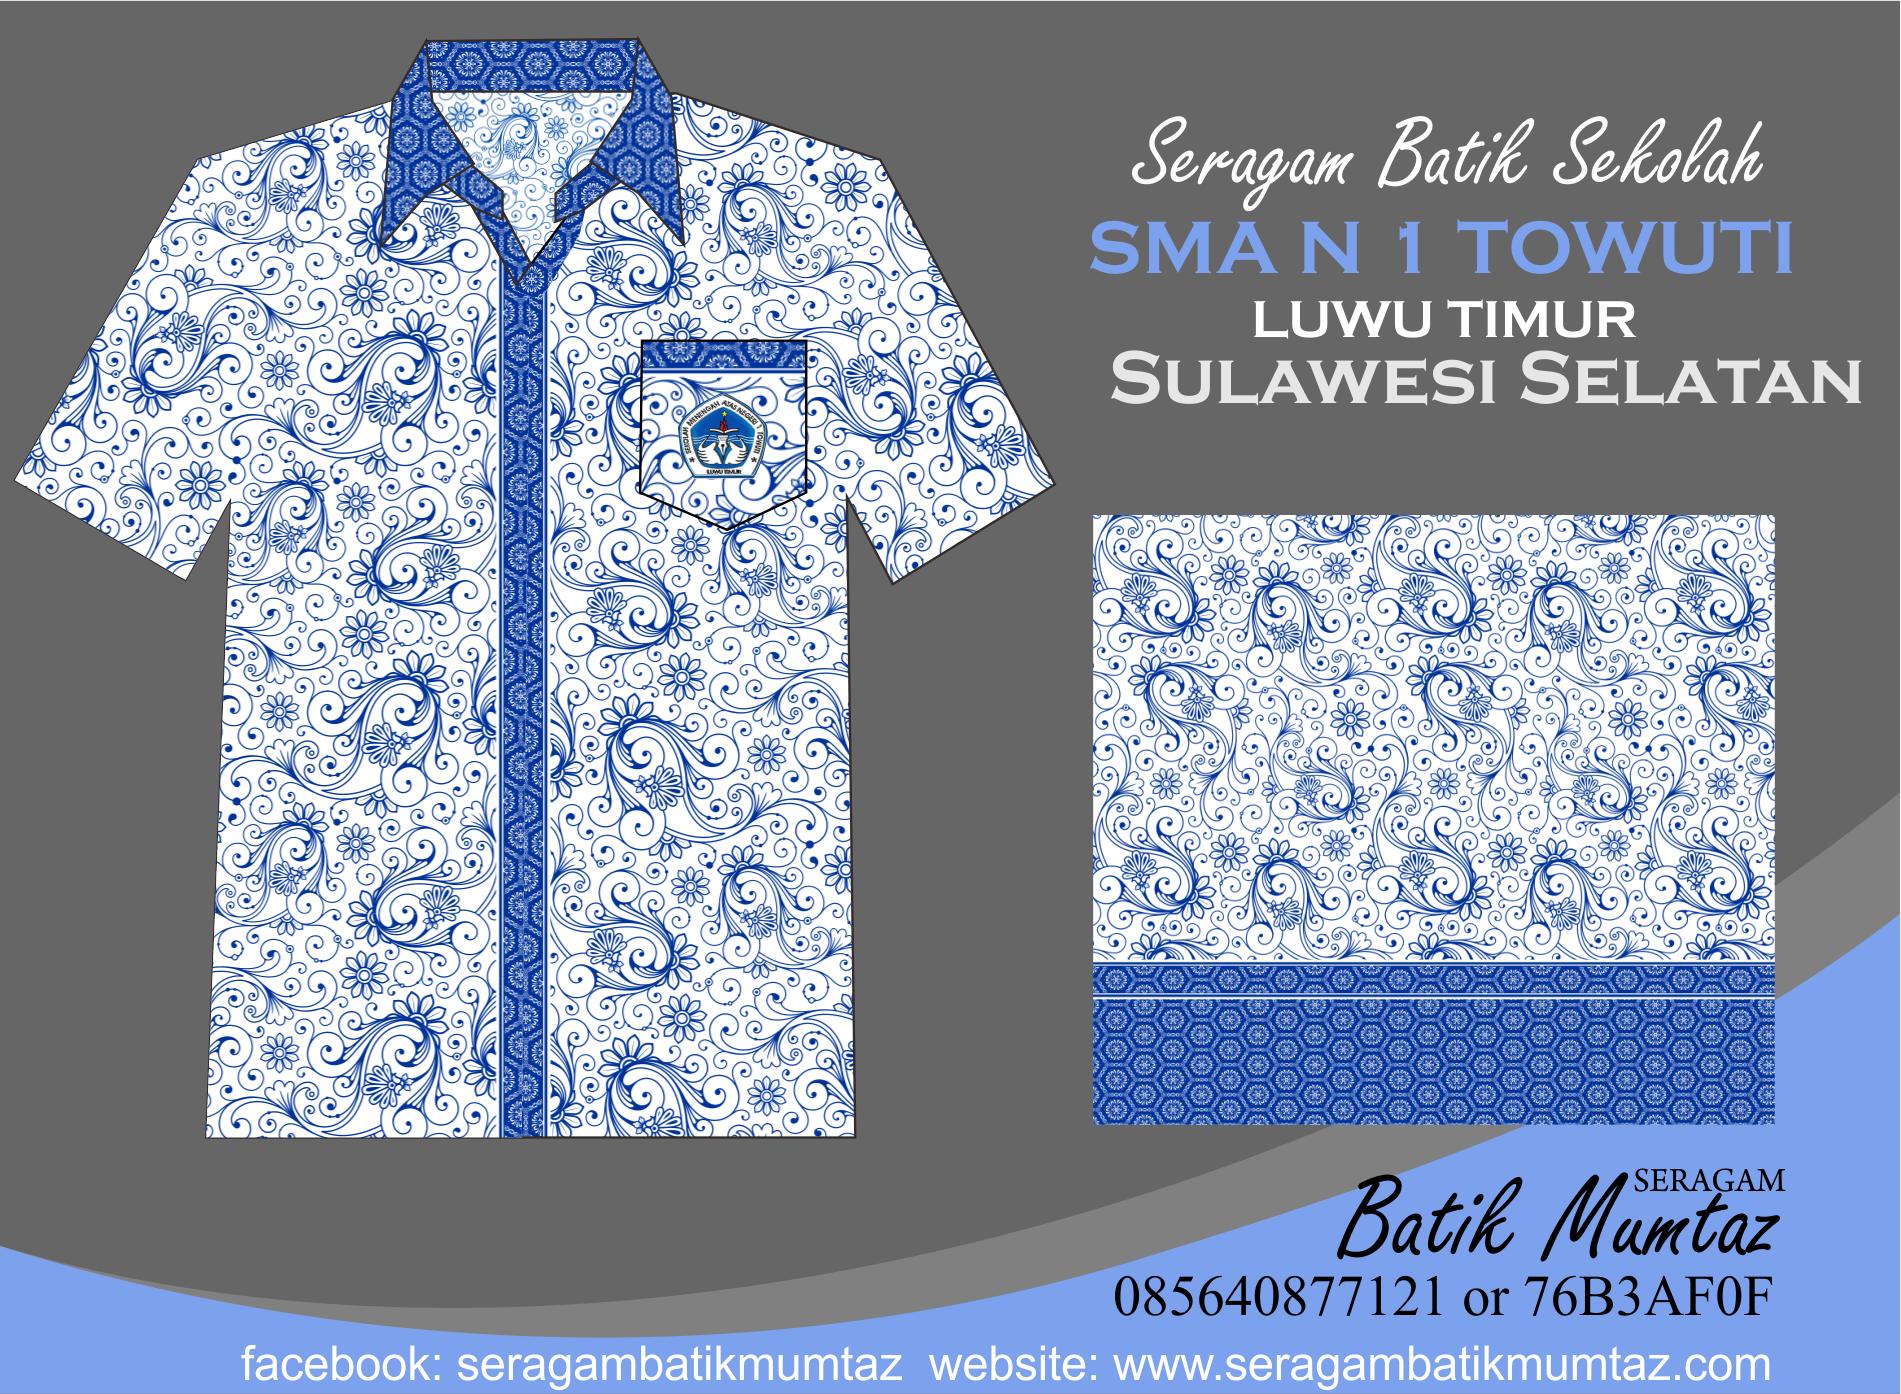 Desain Khusus Seragam Batik SMA N 1 Towuti Sulawesi ...